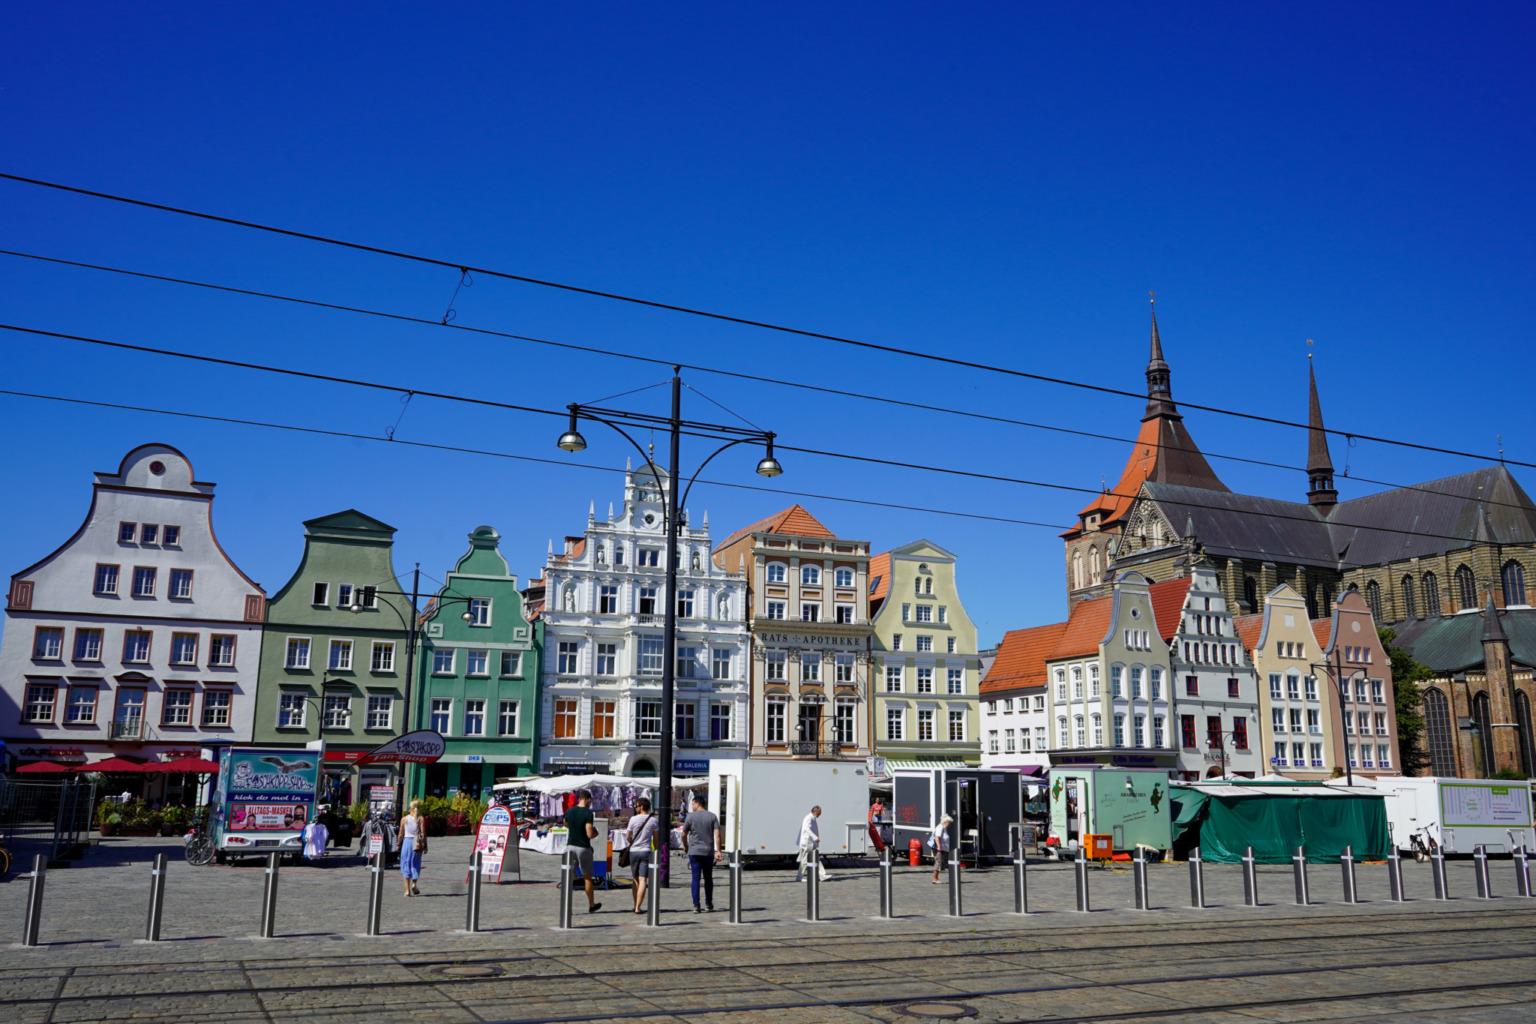 Rostock ist bekannt für die hübsche Architektur